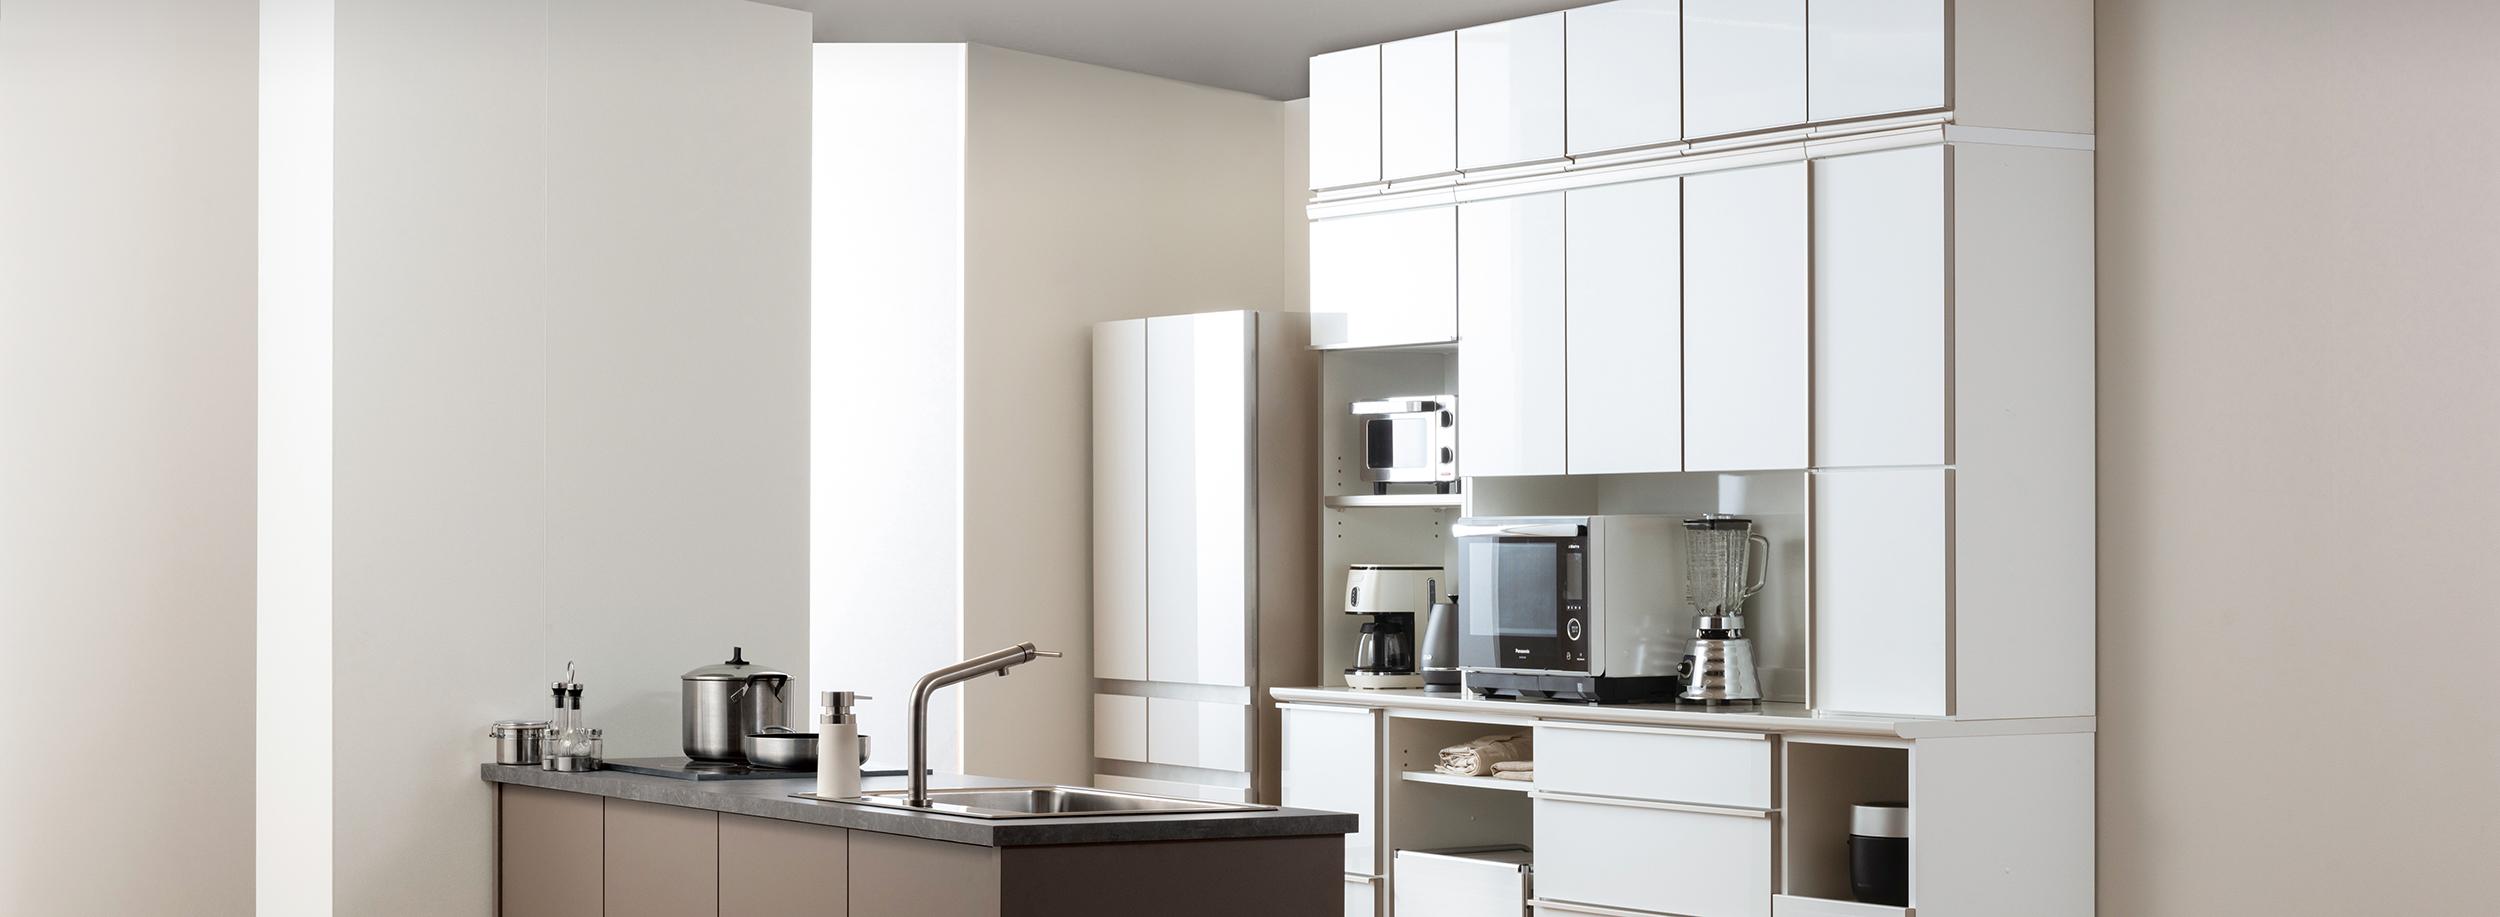 AYANOのキッチン収納が、マンション購入者に人気の理由